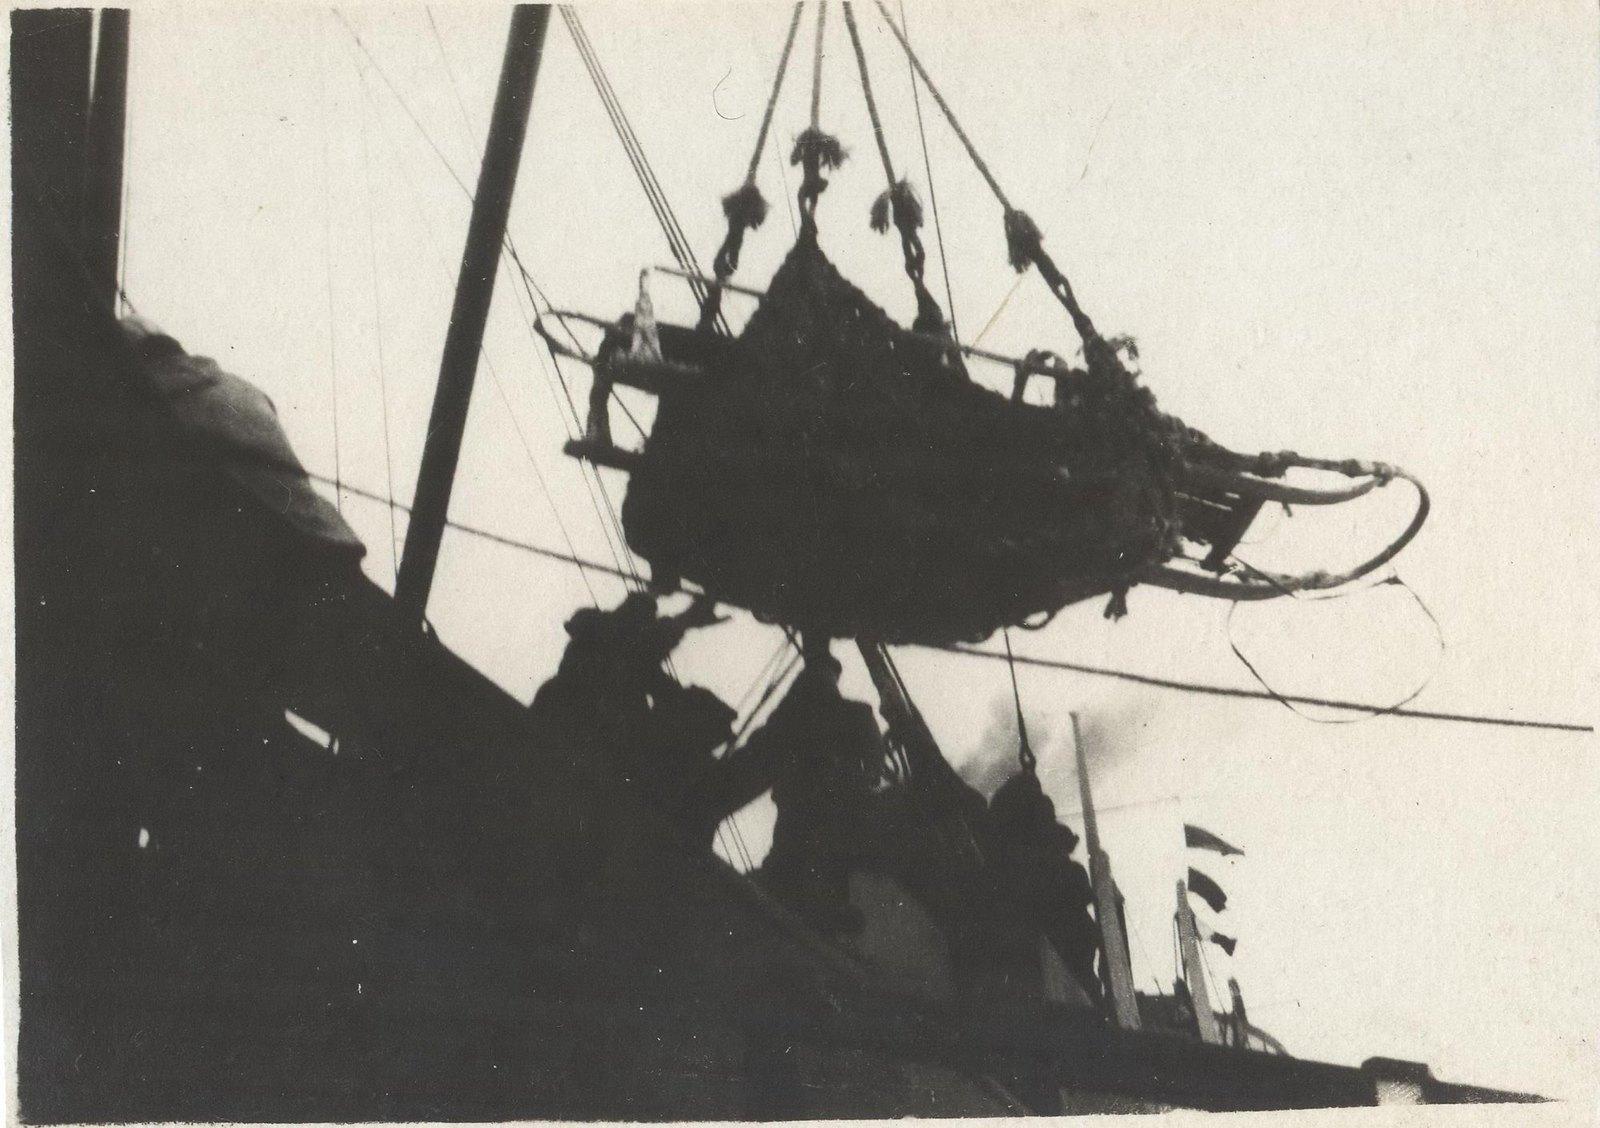 1934. Экспедиция по спасению челюскинцев. Погрузка на борт «Смоленска» больных челюскинцев.